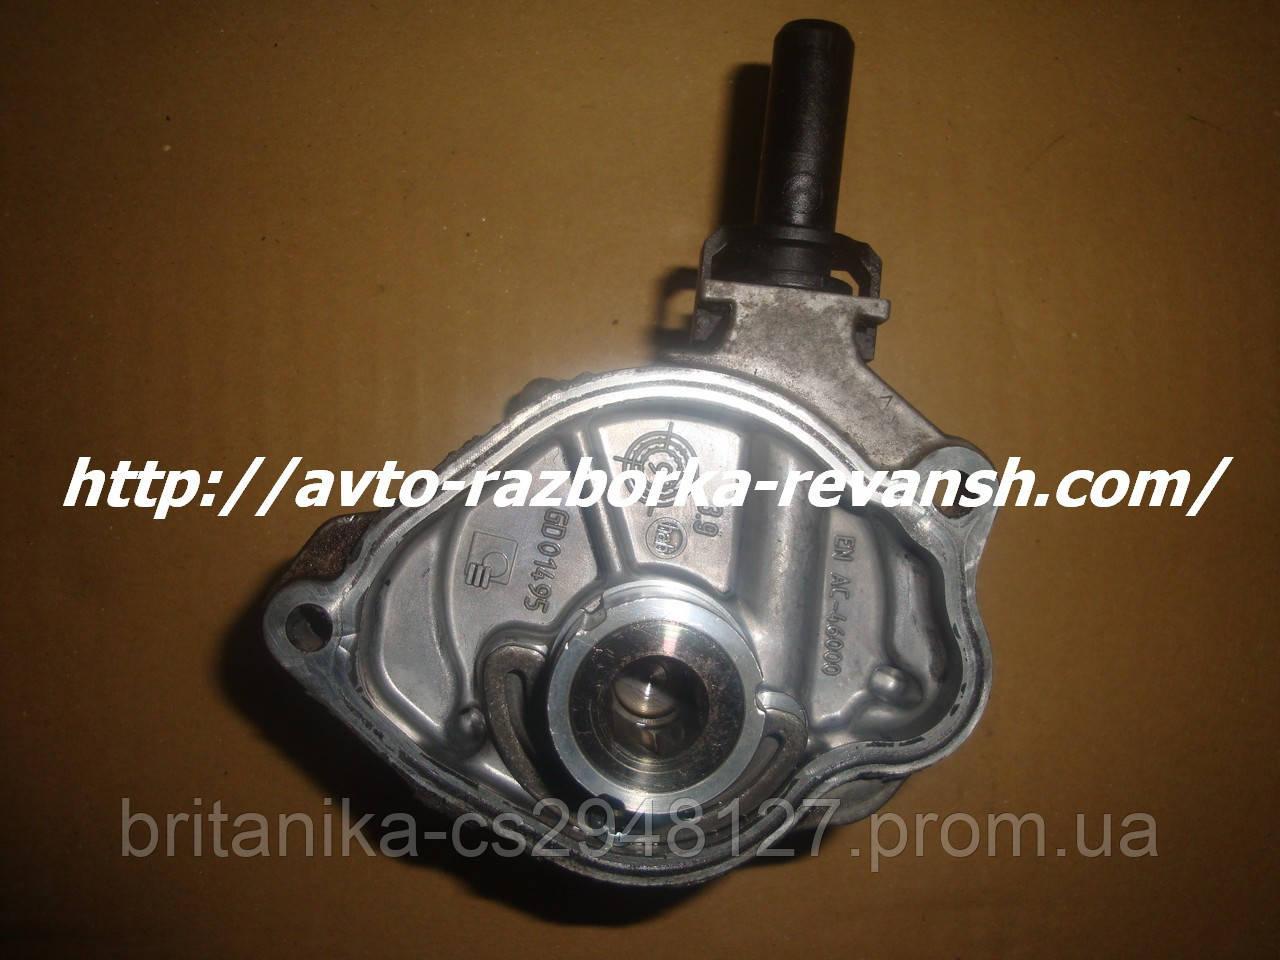 Насос вакуумный Мерседес Спринтер 906 (ОМ 651  2.2 ) бу Sprinter